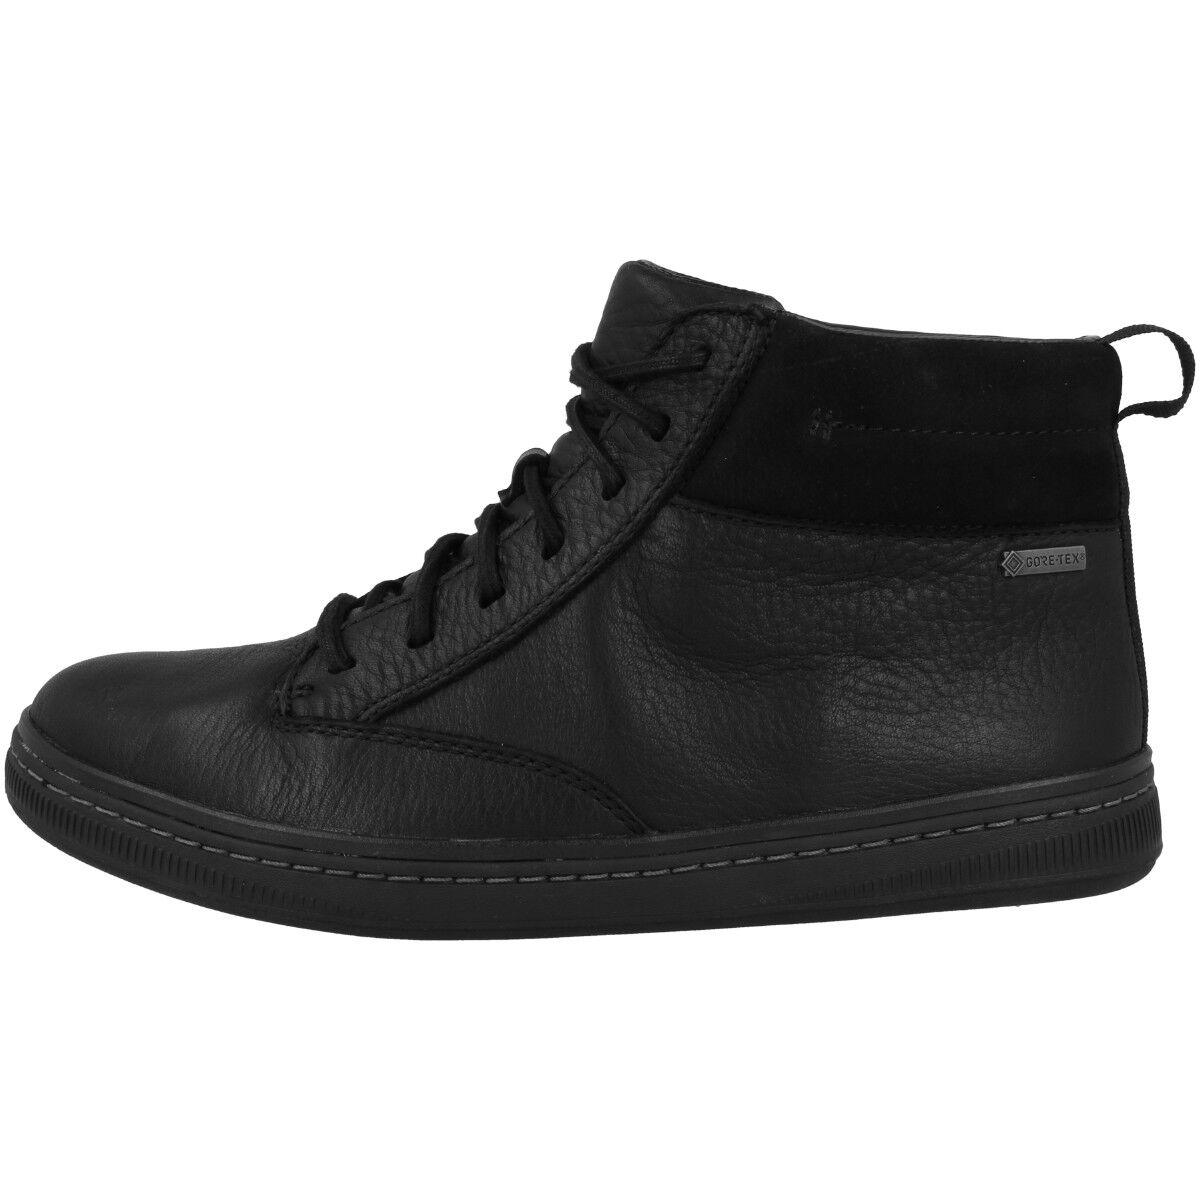 Clarks Norsen Mid GTX shoes men Top Alto shoes con Lacci pelle Nera 26136200